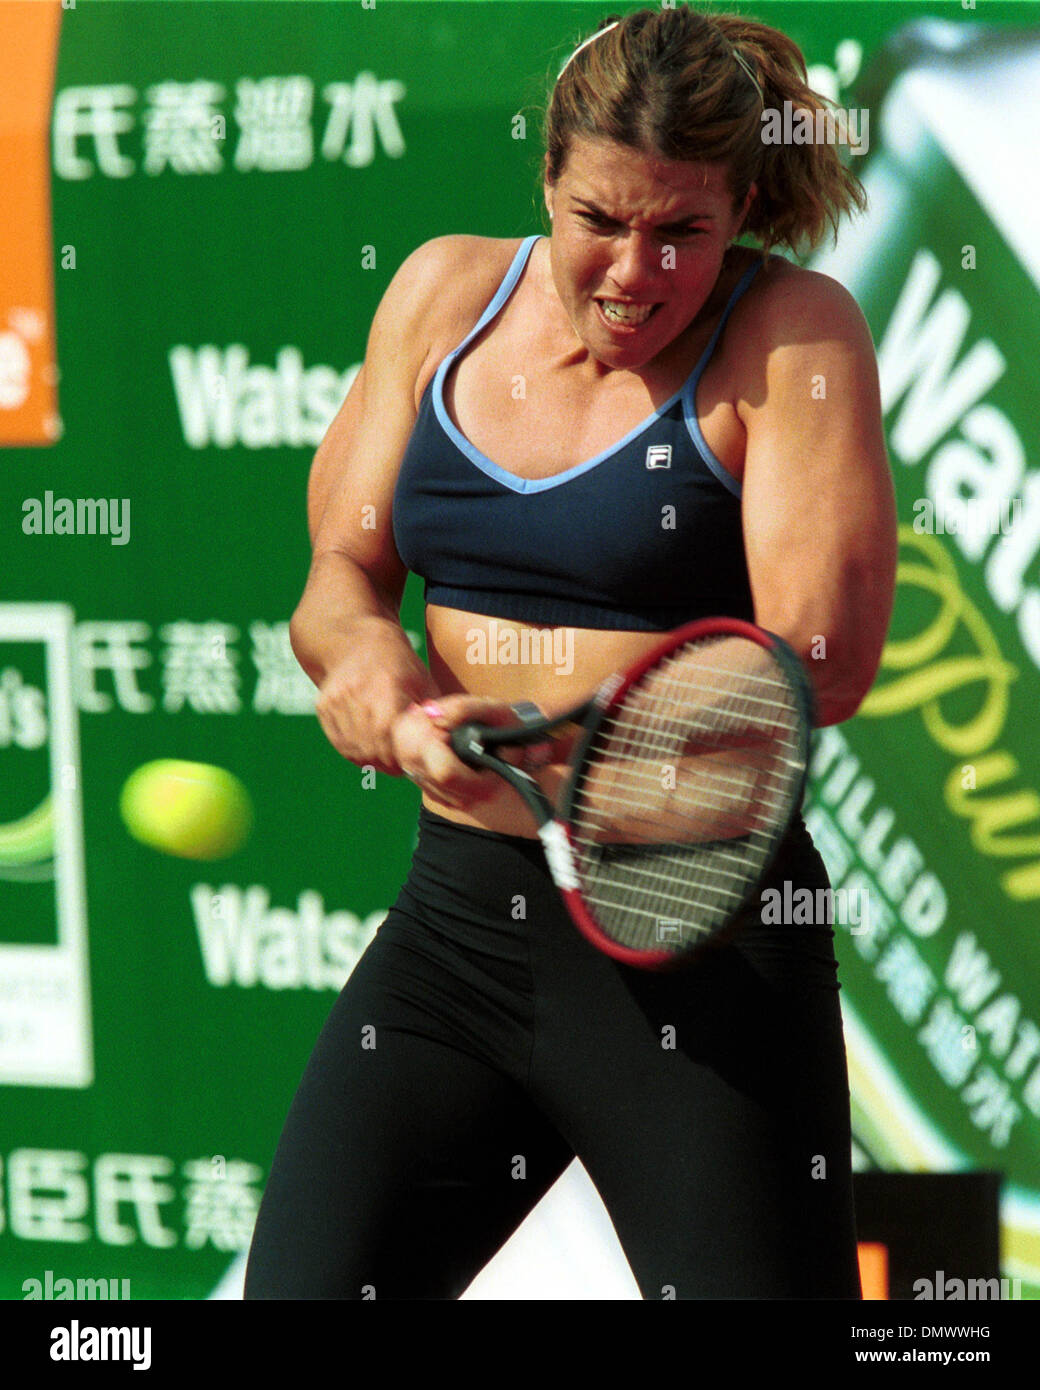 Oct 05 2000 Hong Kong HONG KONG Tennis star JENNIFER